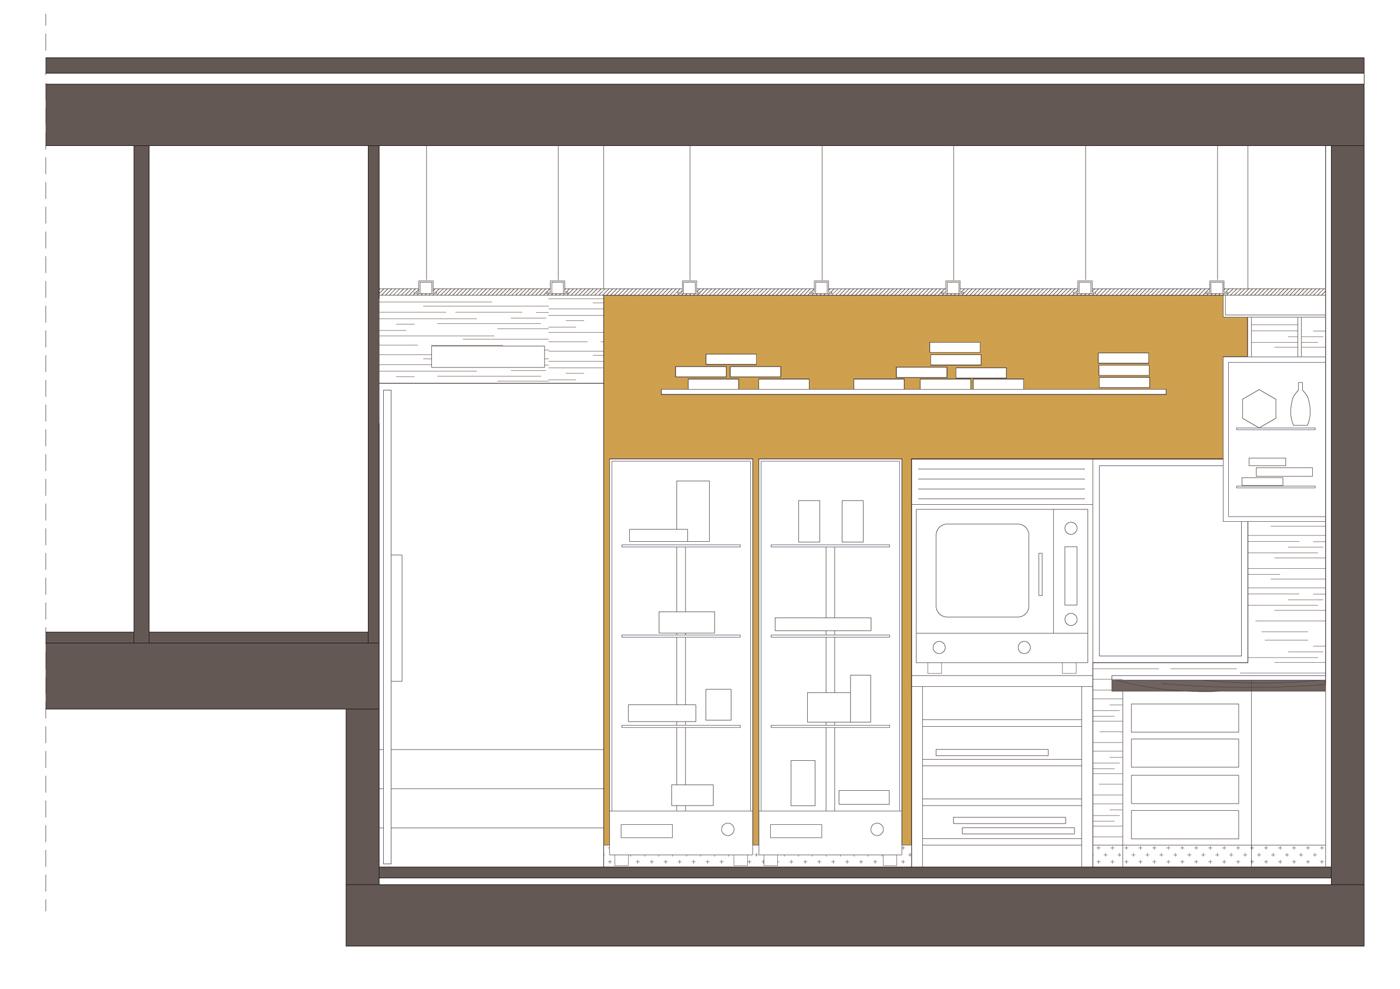 Secció transversal. Projecte de reforma, interiorisme i disseny 3D: 2009 - Reforma interior de local / Fleca pastisseria Forn del Progrés a Terrassa